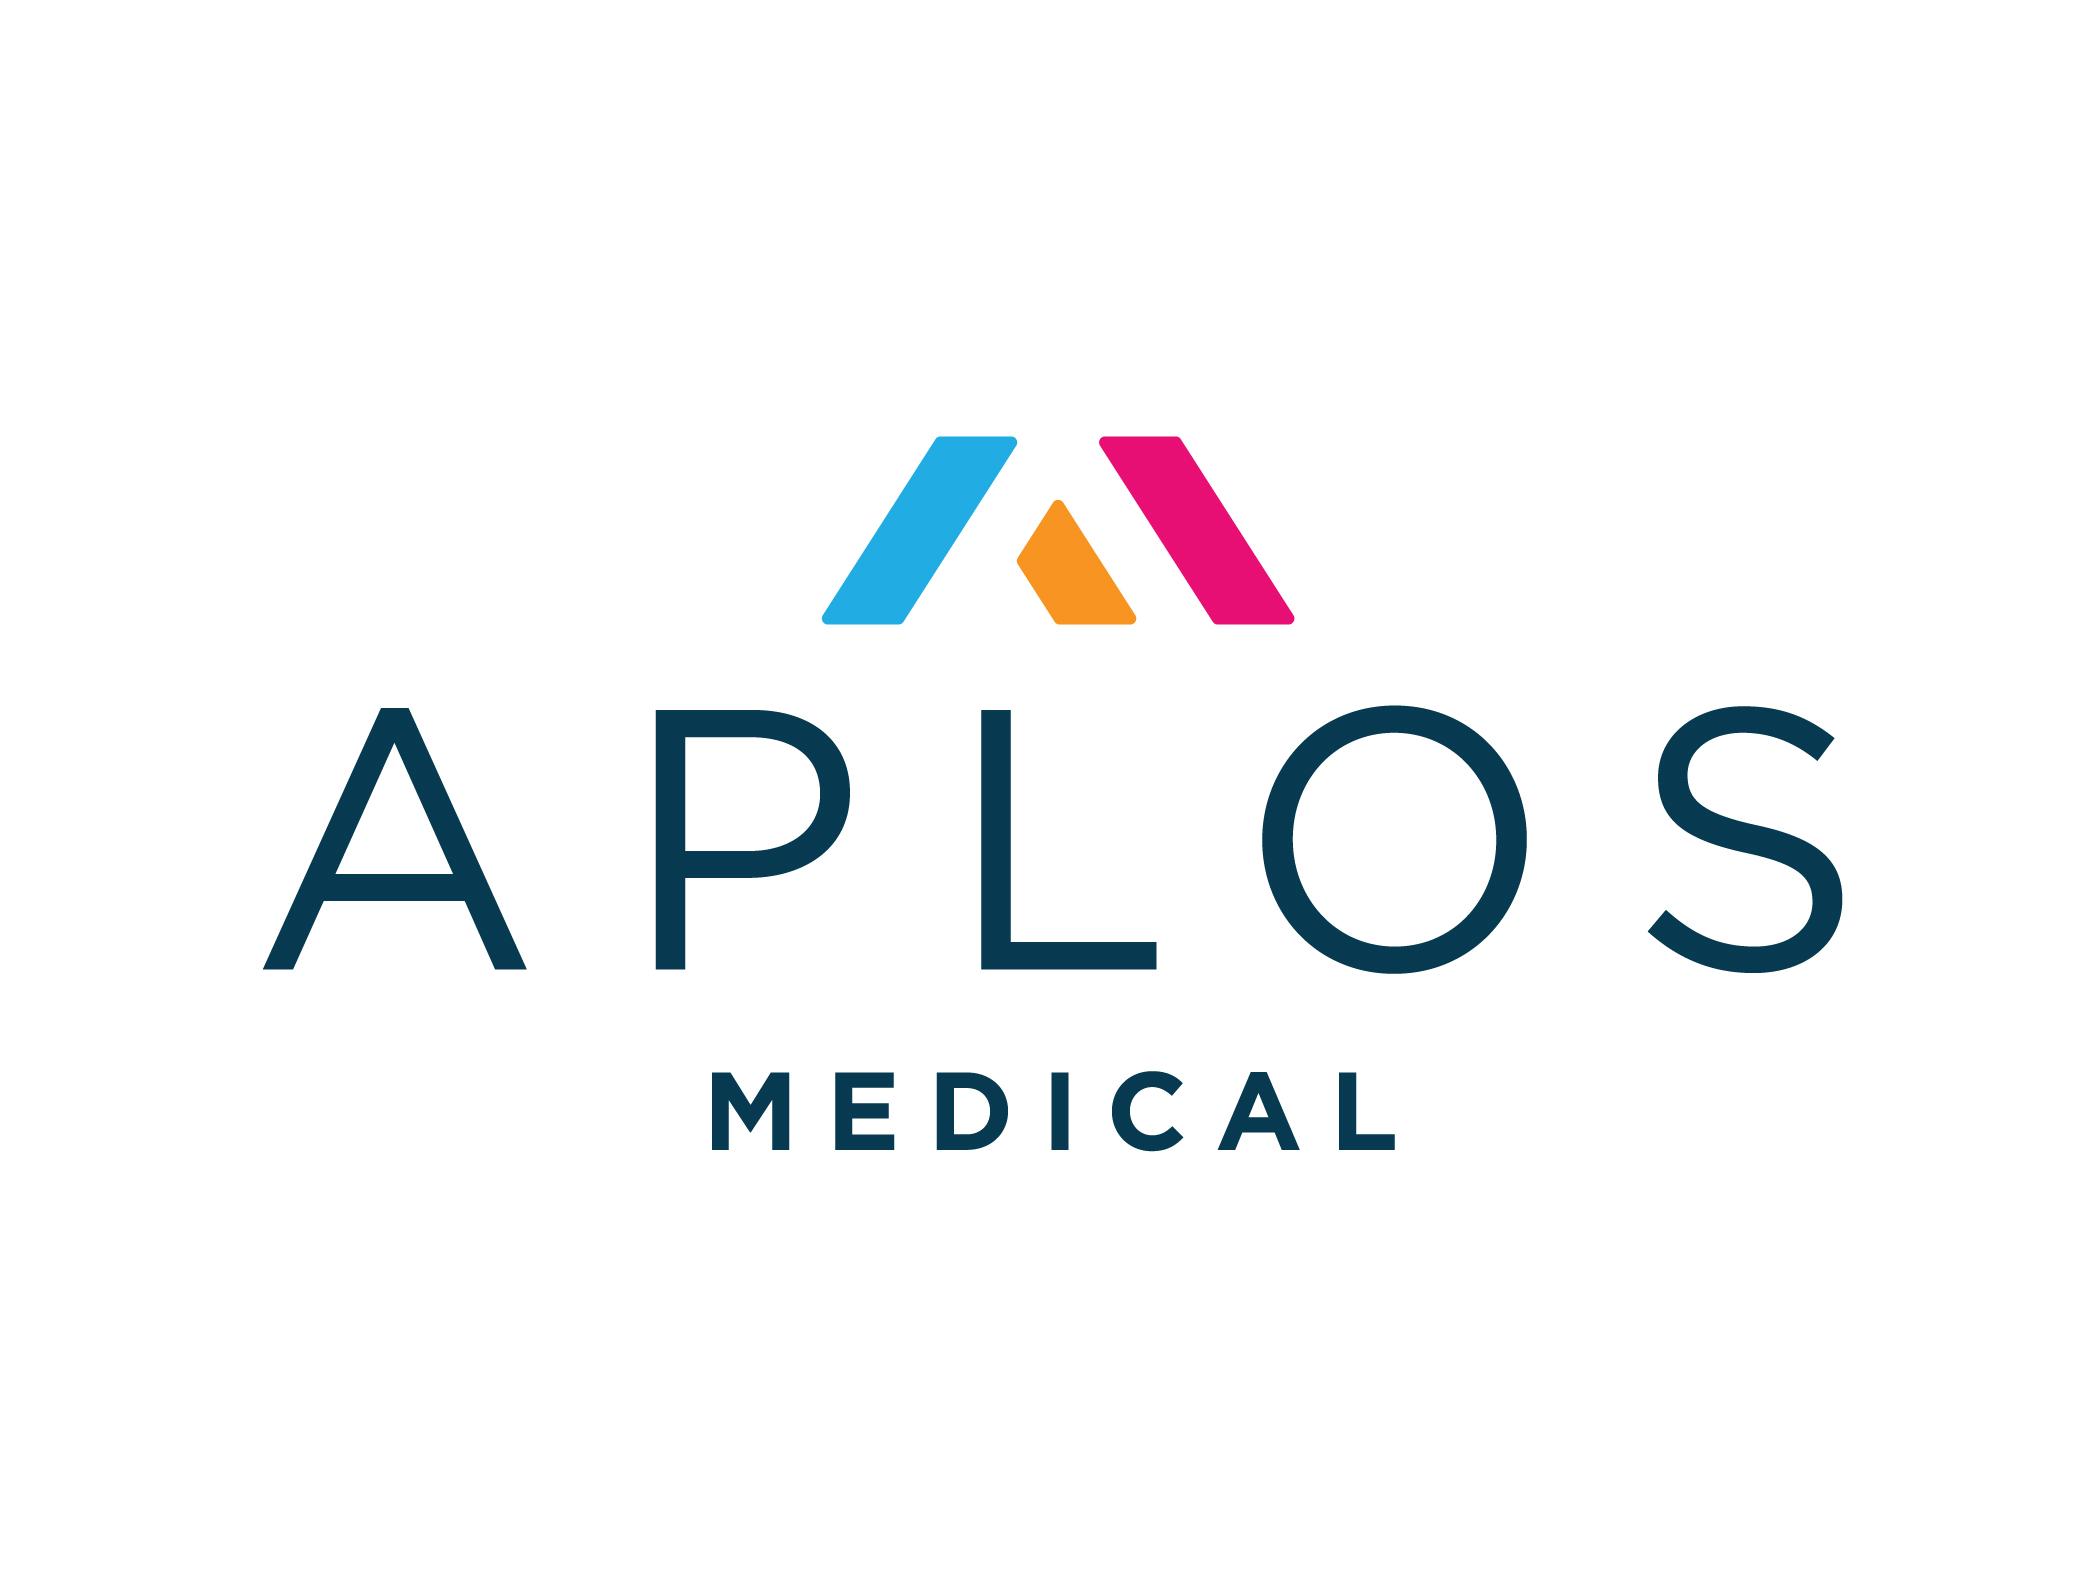 Aplos_Medical_Logo-05.jpg